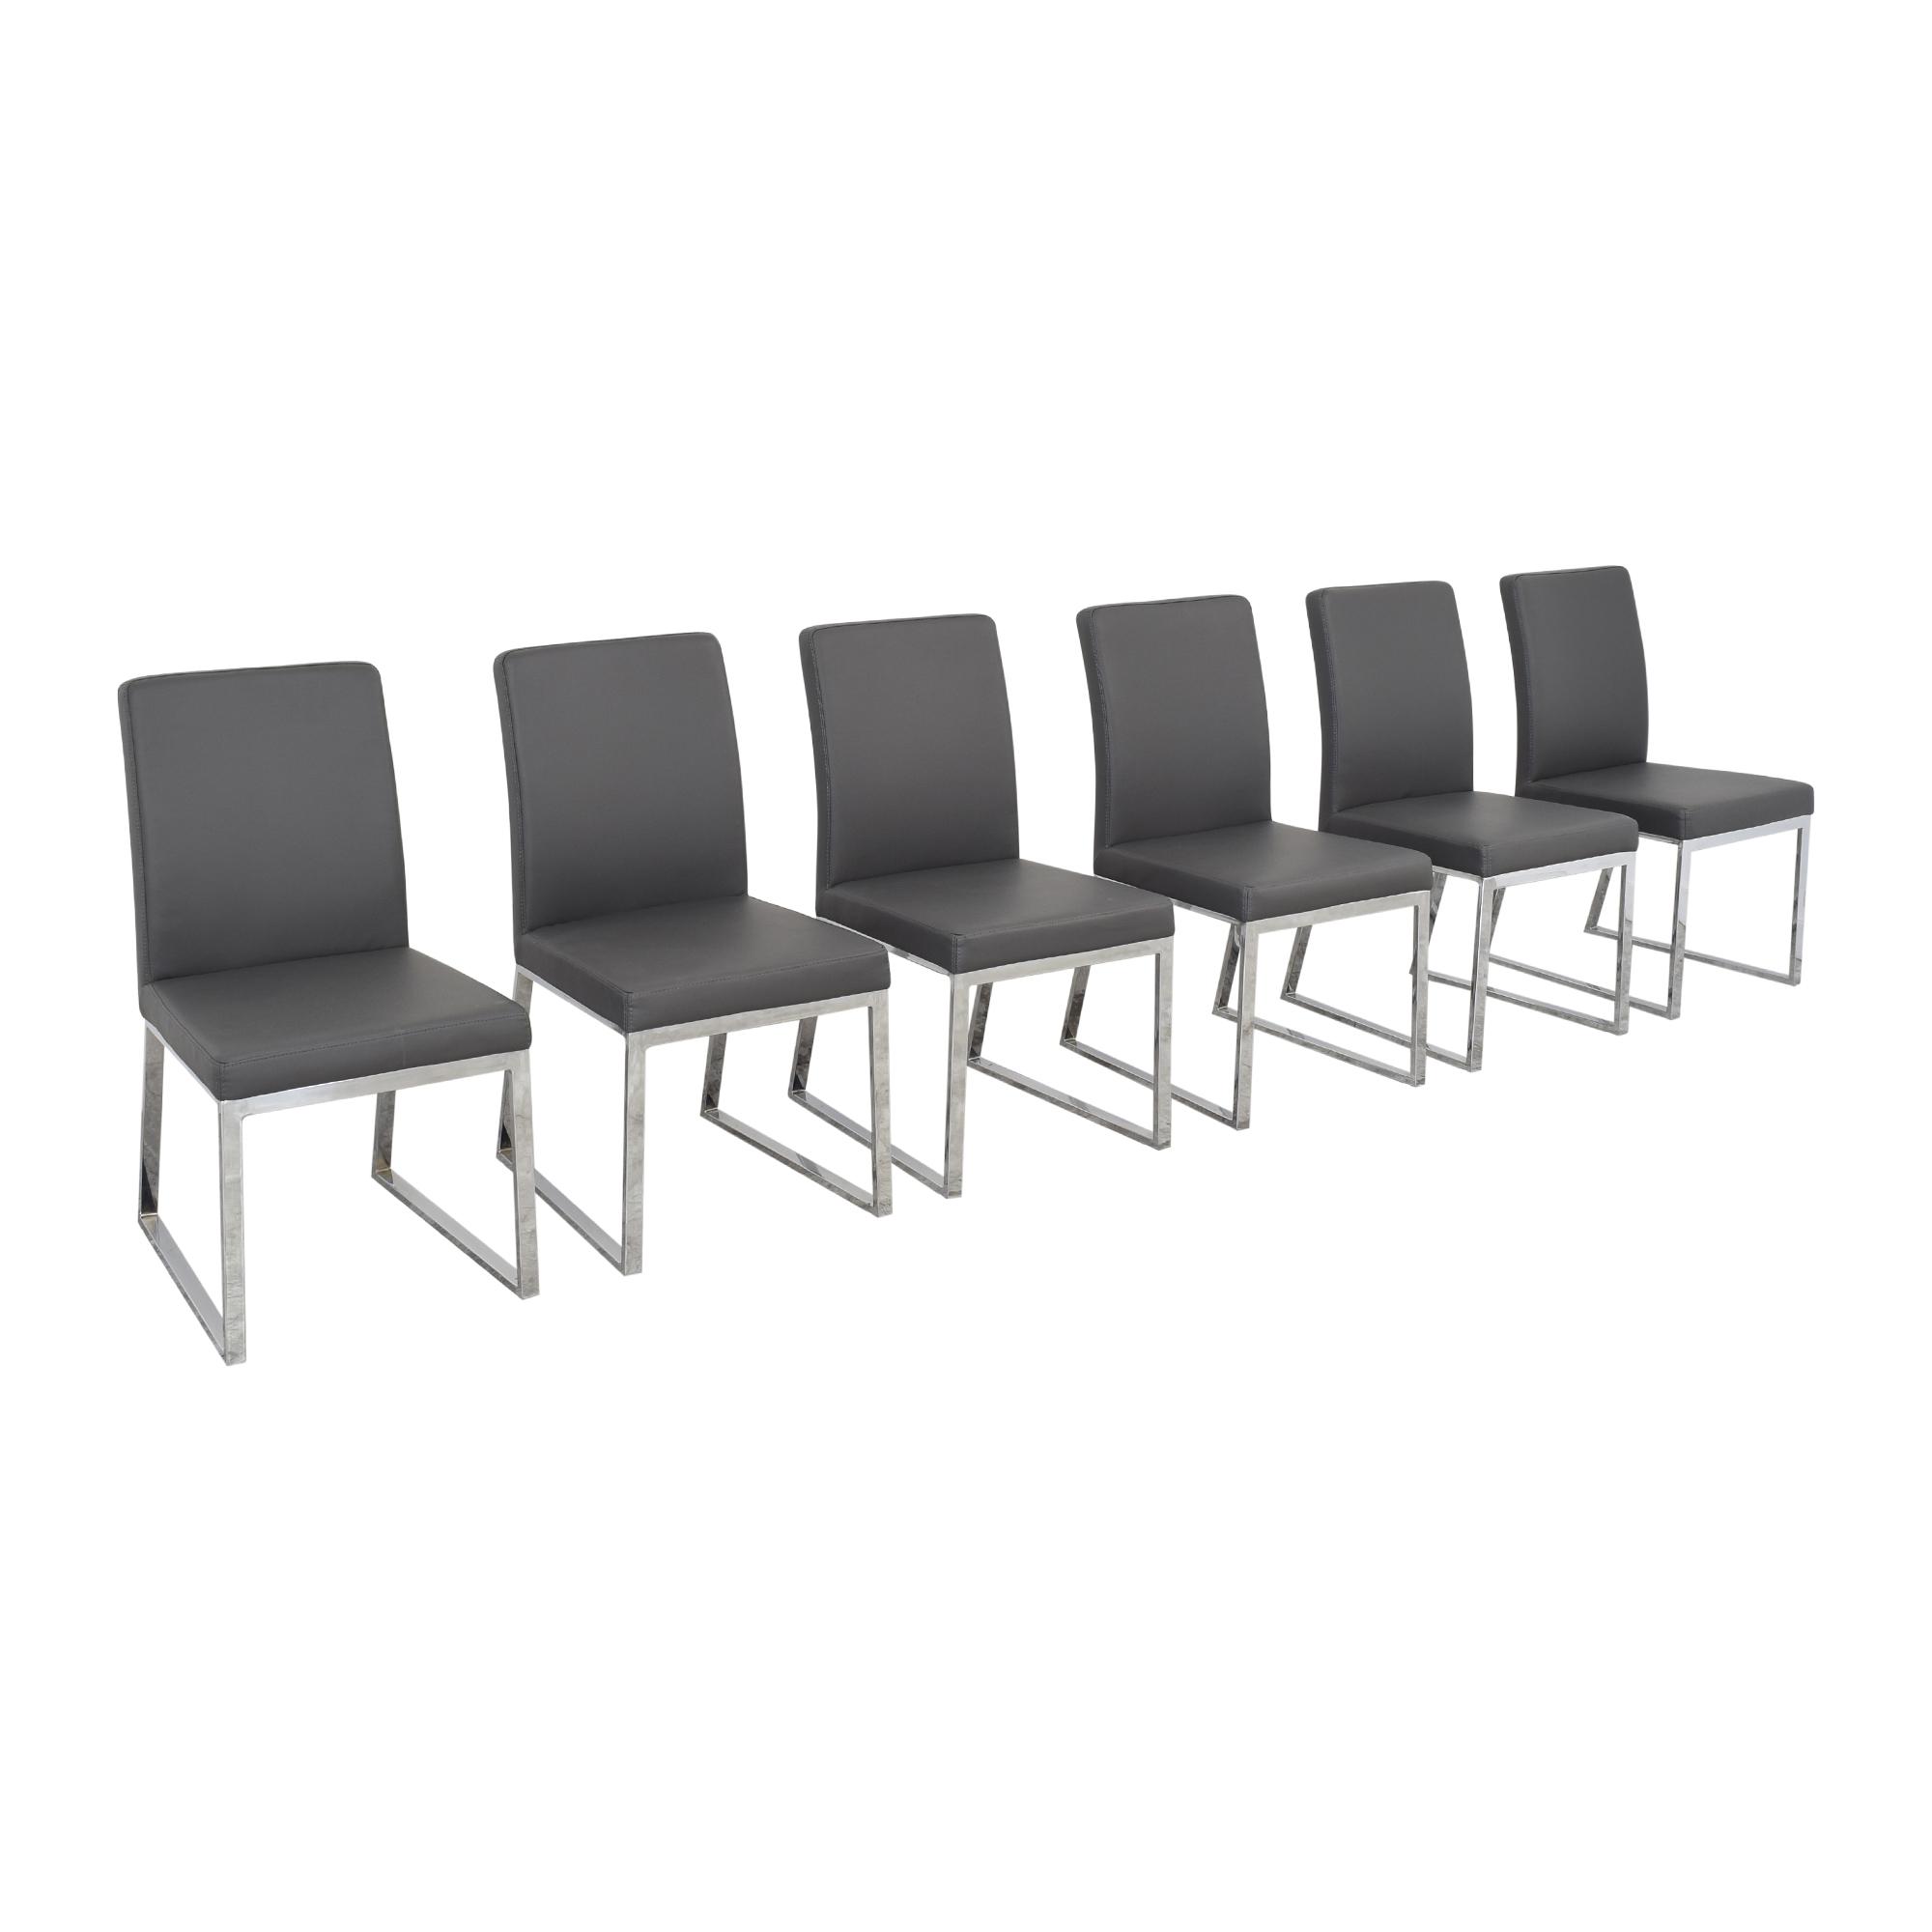 Modani Modani Niero Dining Chairs ma